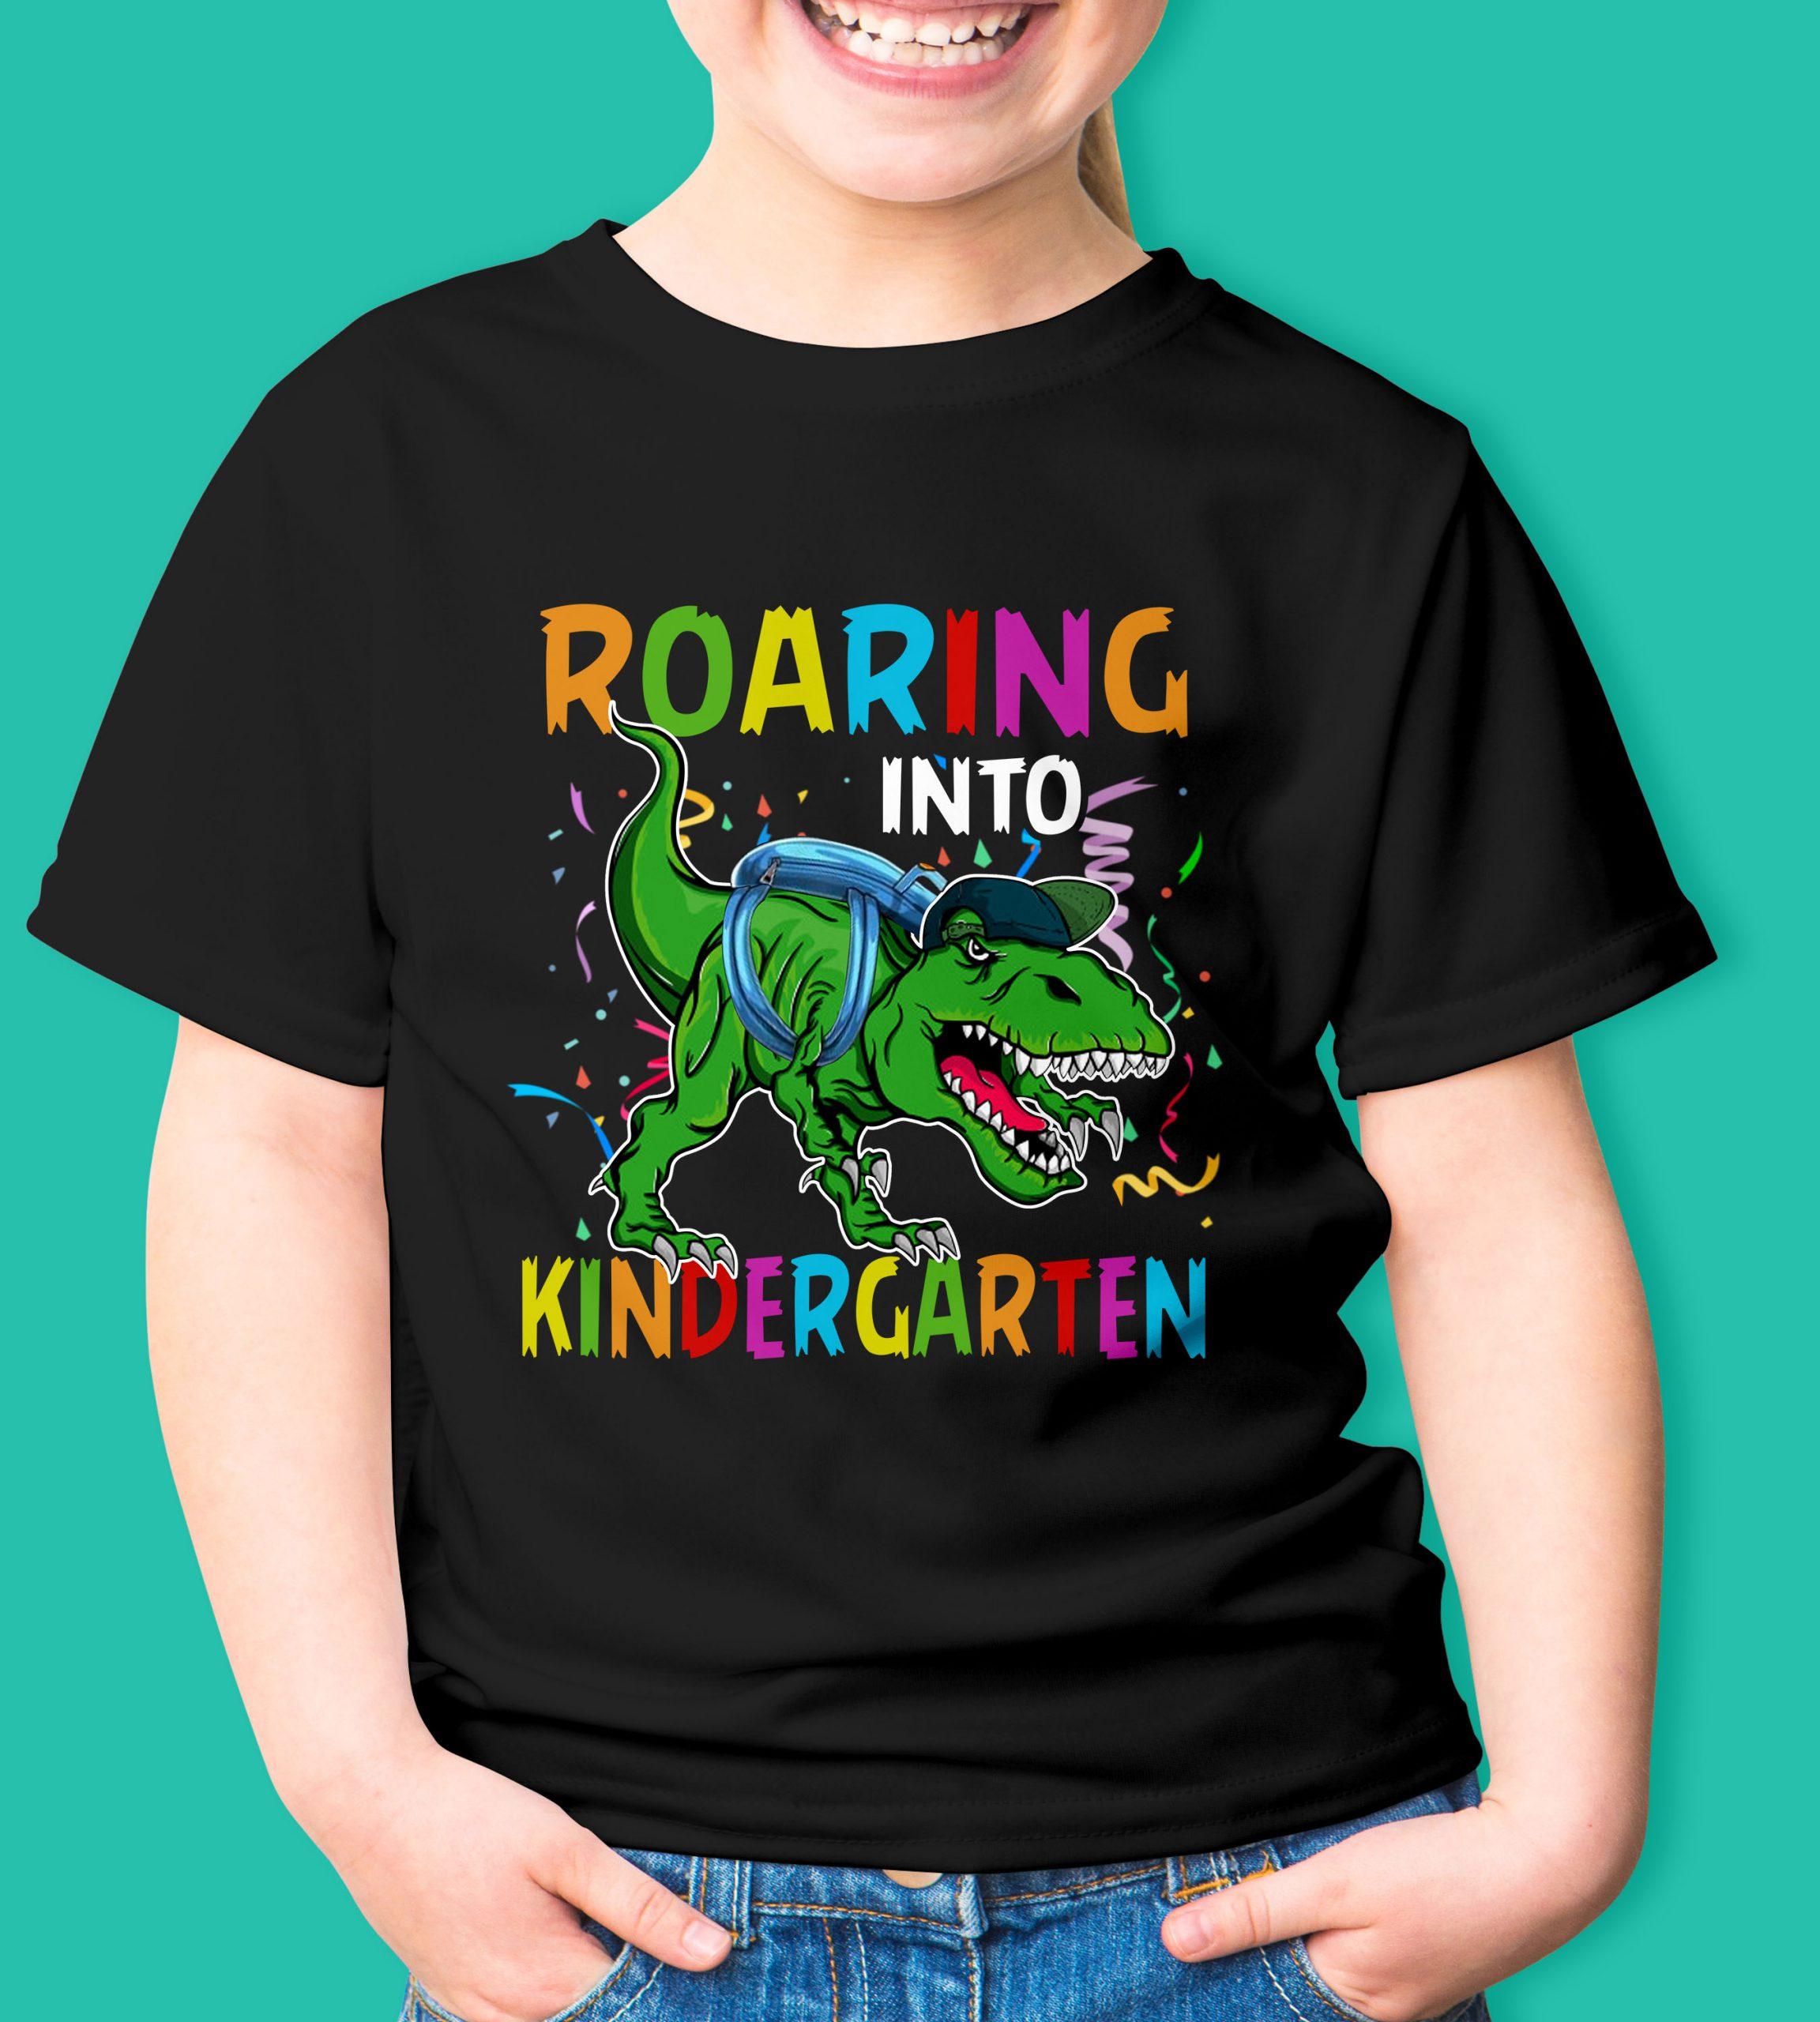 Roaring into kindergarten